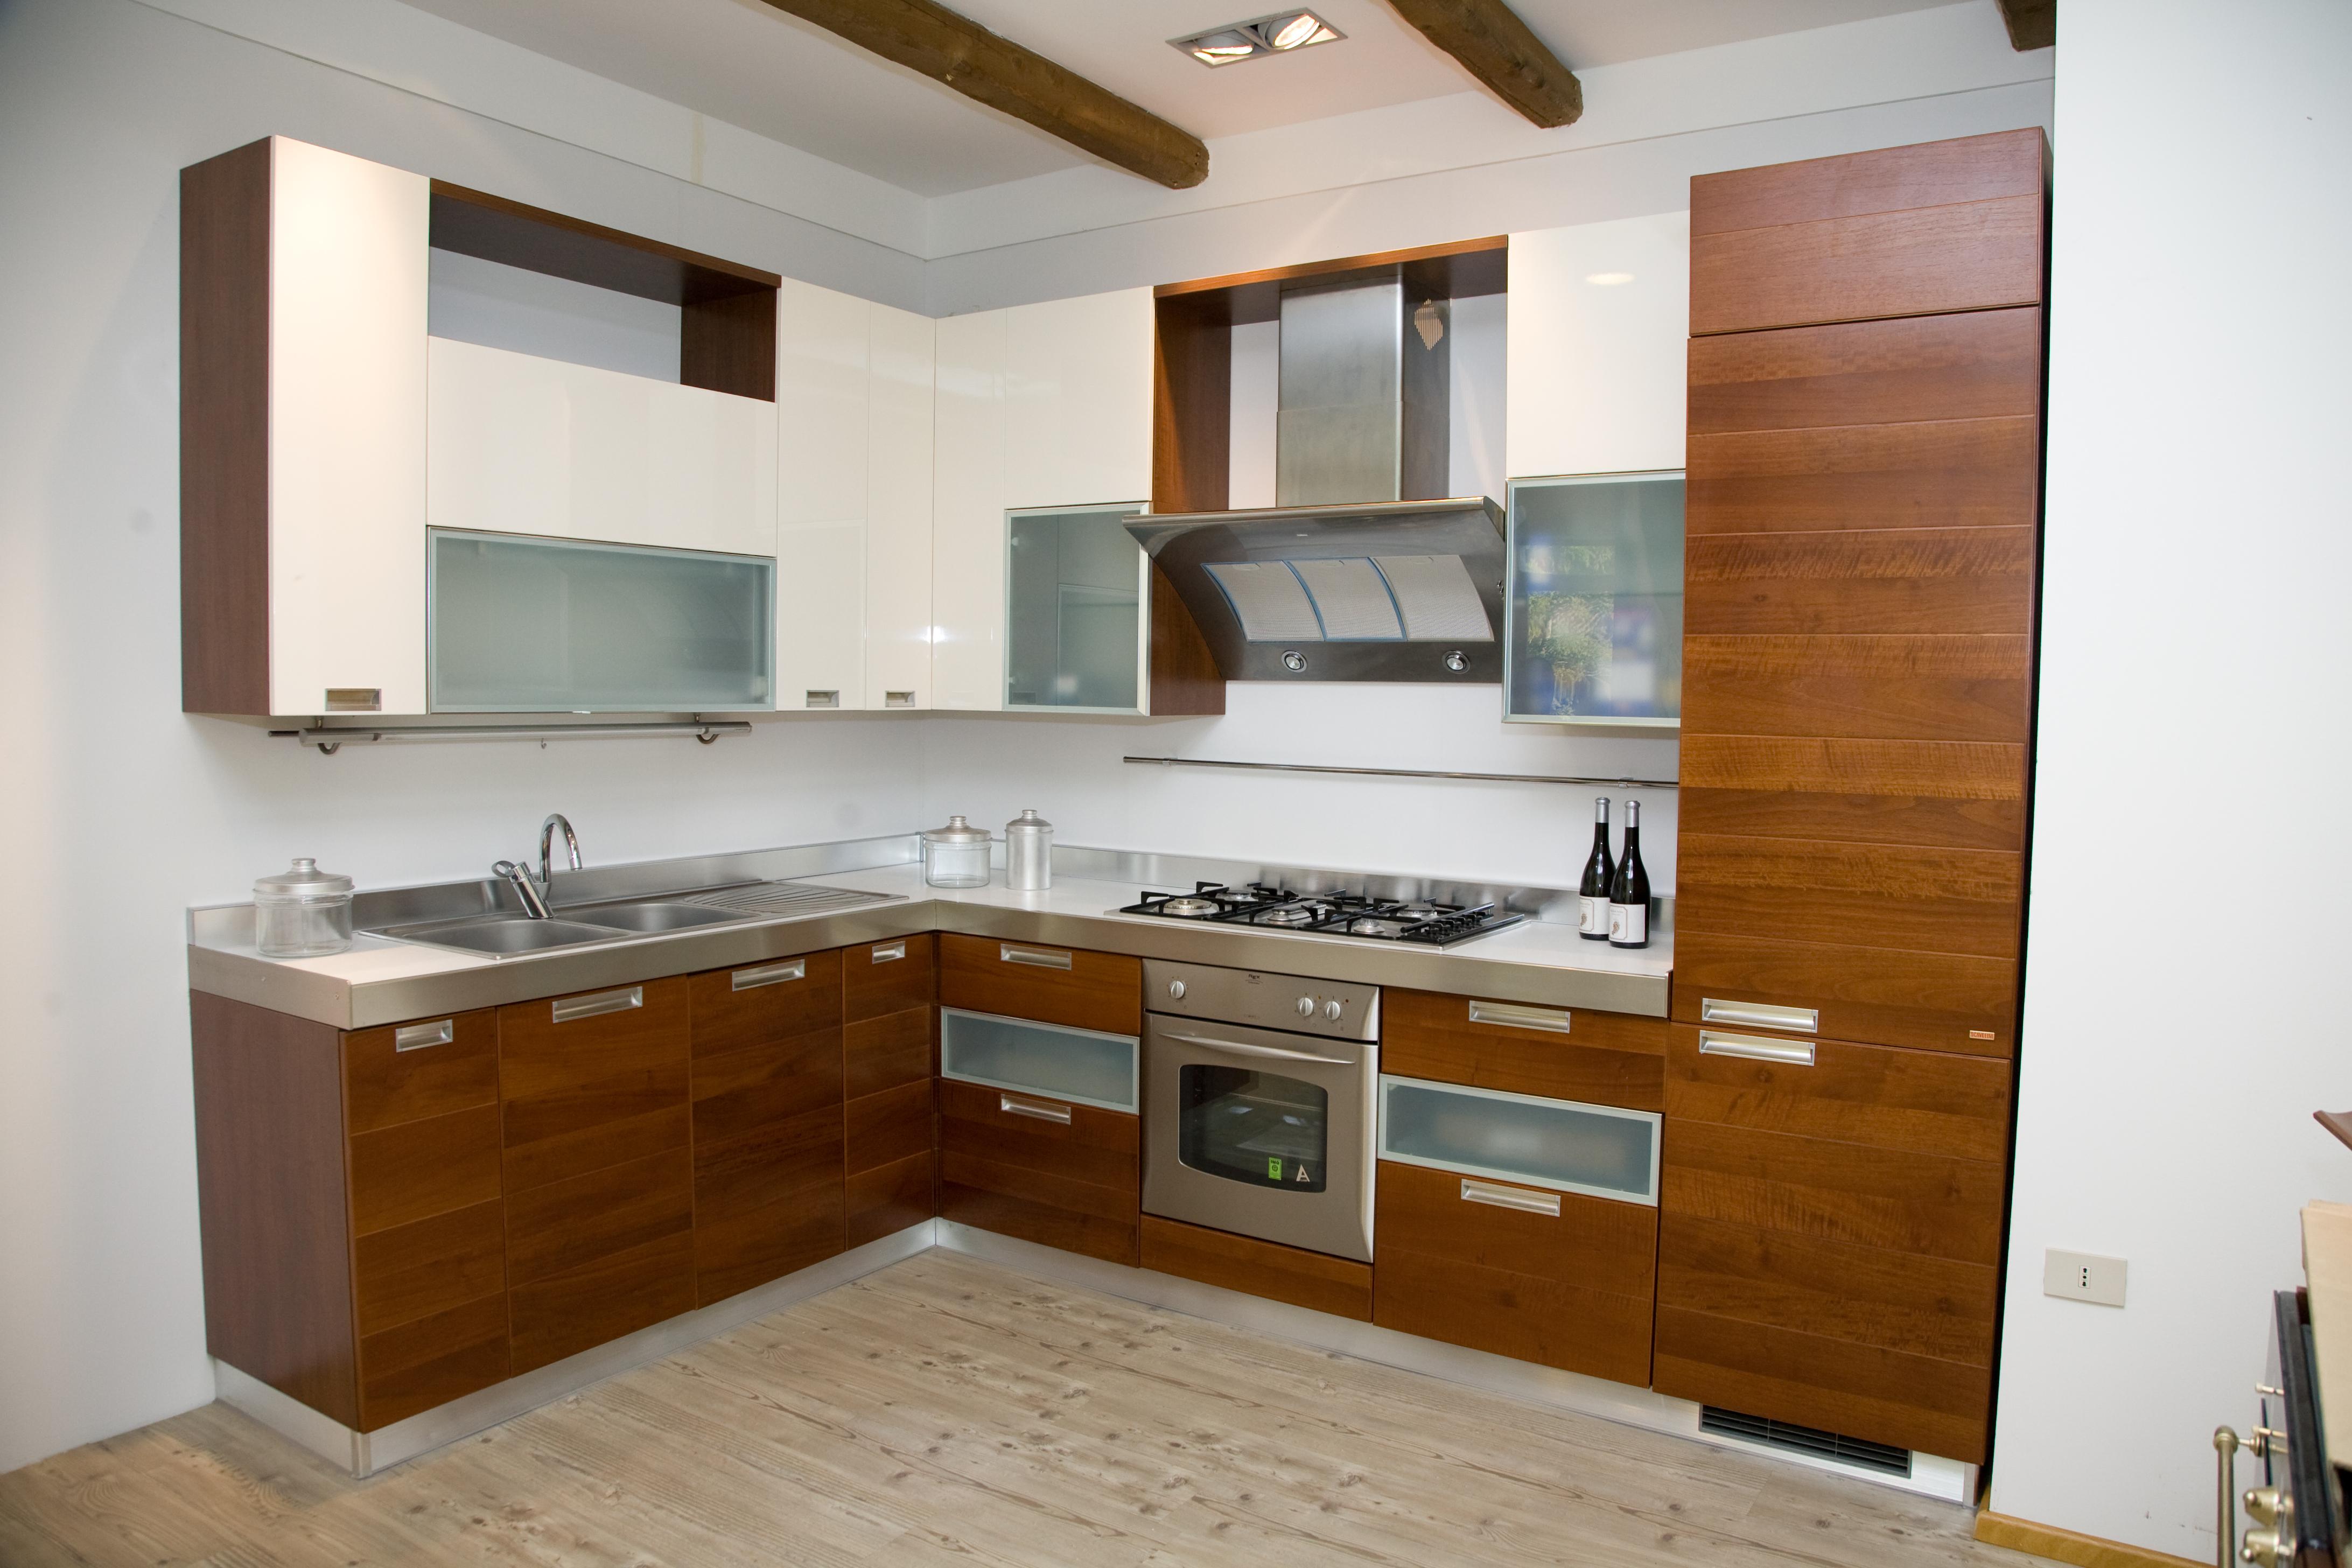 Cucina scavolini palagi mobili - Prezzo cucine scavolini ...